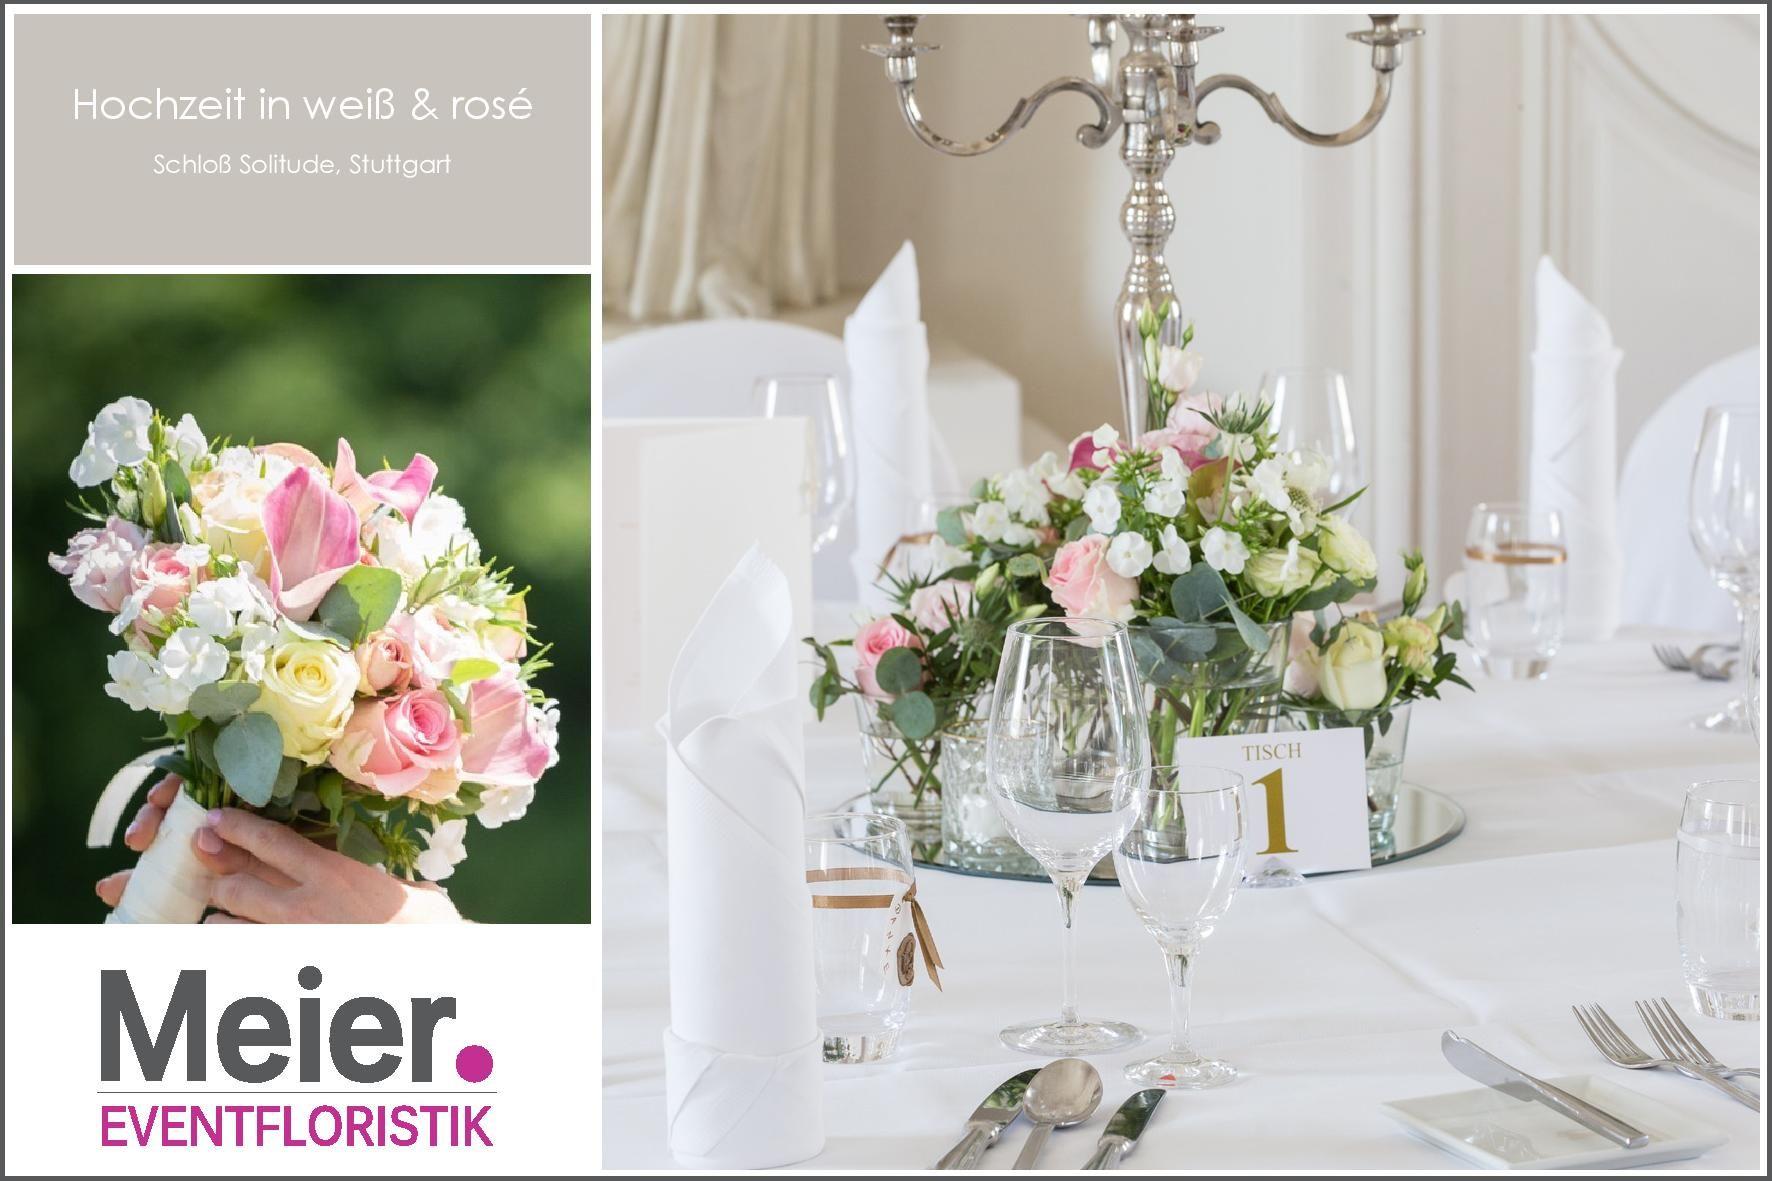 Hochzeit Mit Brautstrauss Tischdeko Co Auf Schloss Solitude In